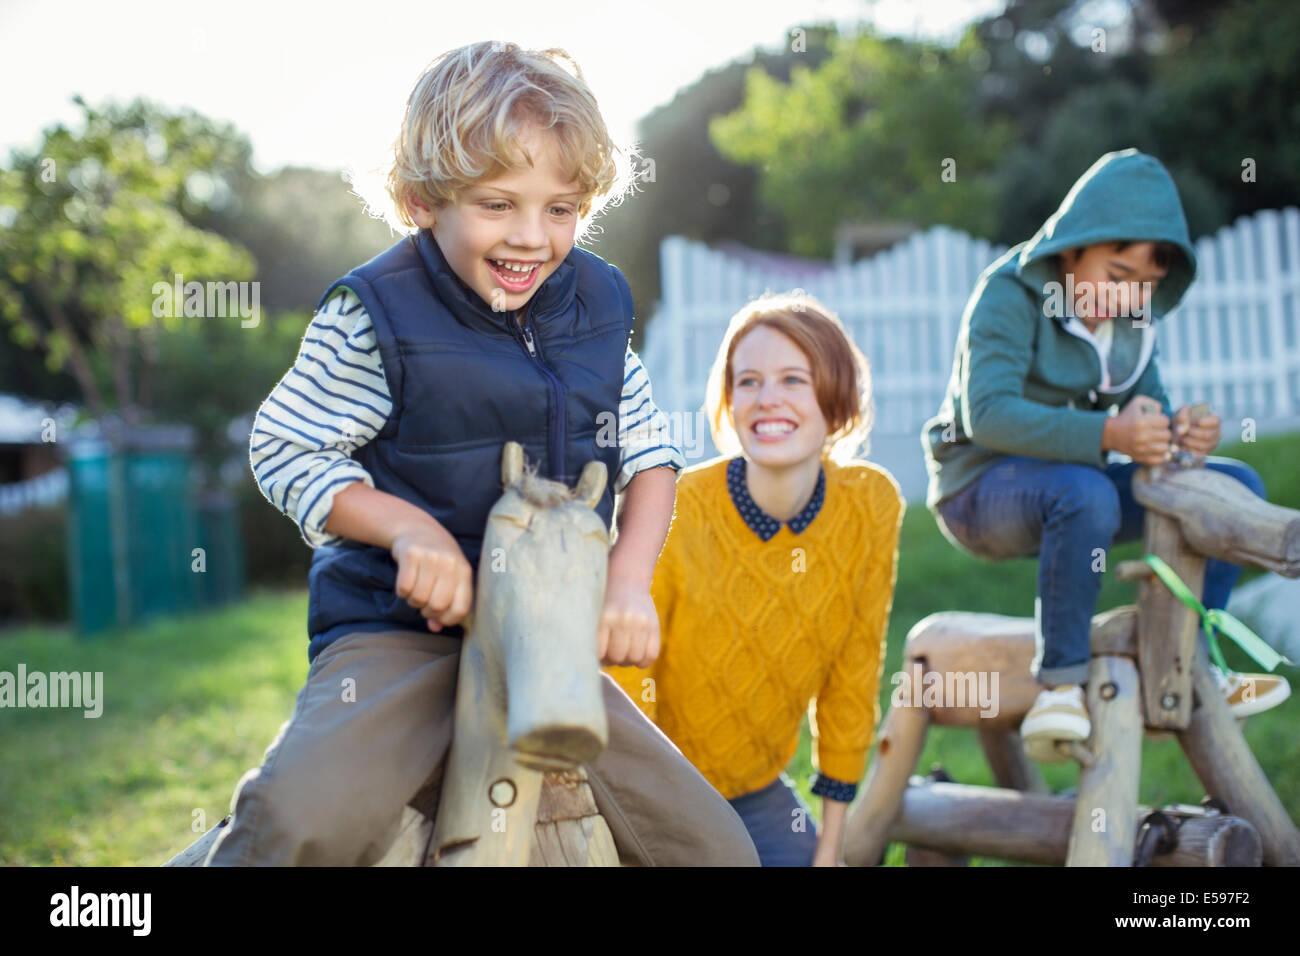 El profesor y los estudiantes jugar afuera Imagen De Stock